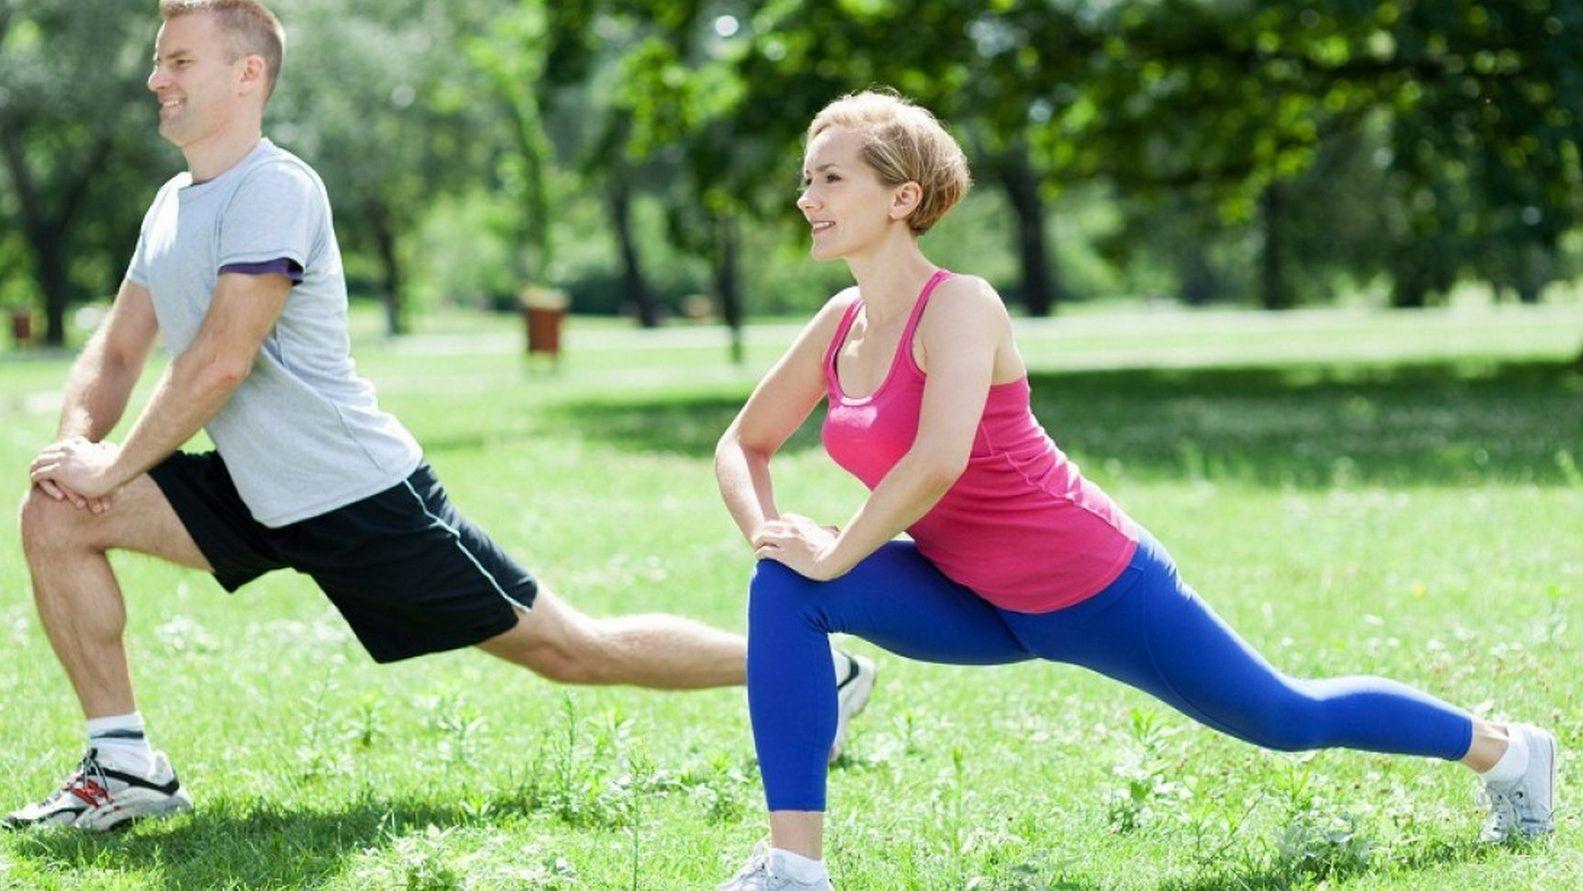 Tích cực thể dục giảm nguy cơ mắc nhiều bệnh ung thư, đặc biệt là ung thư vú, ung thư cổ tử cung ở nữ, ung thư đại trực tràng…